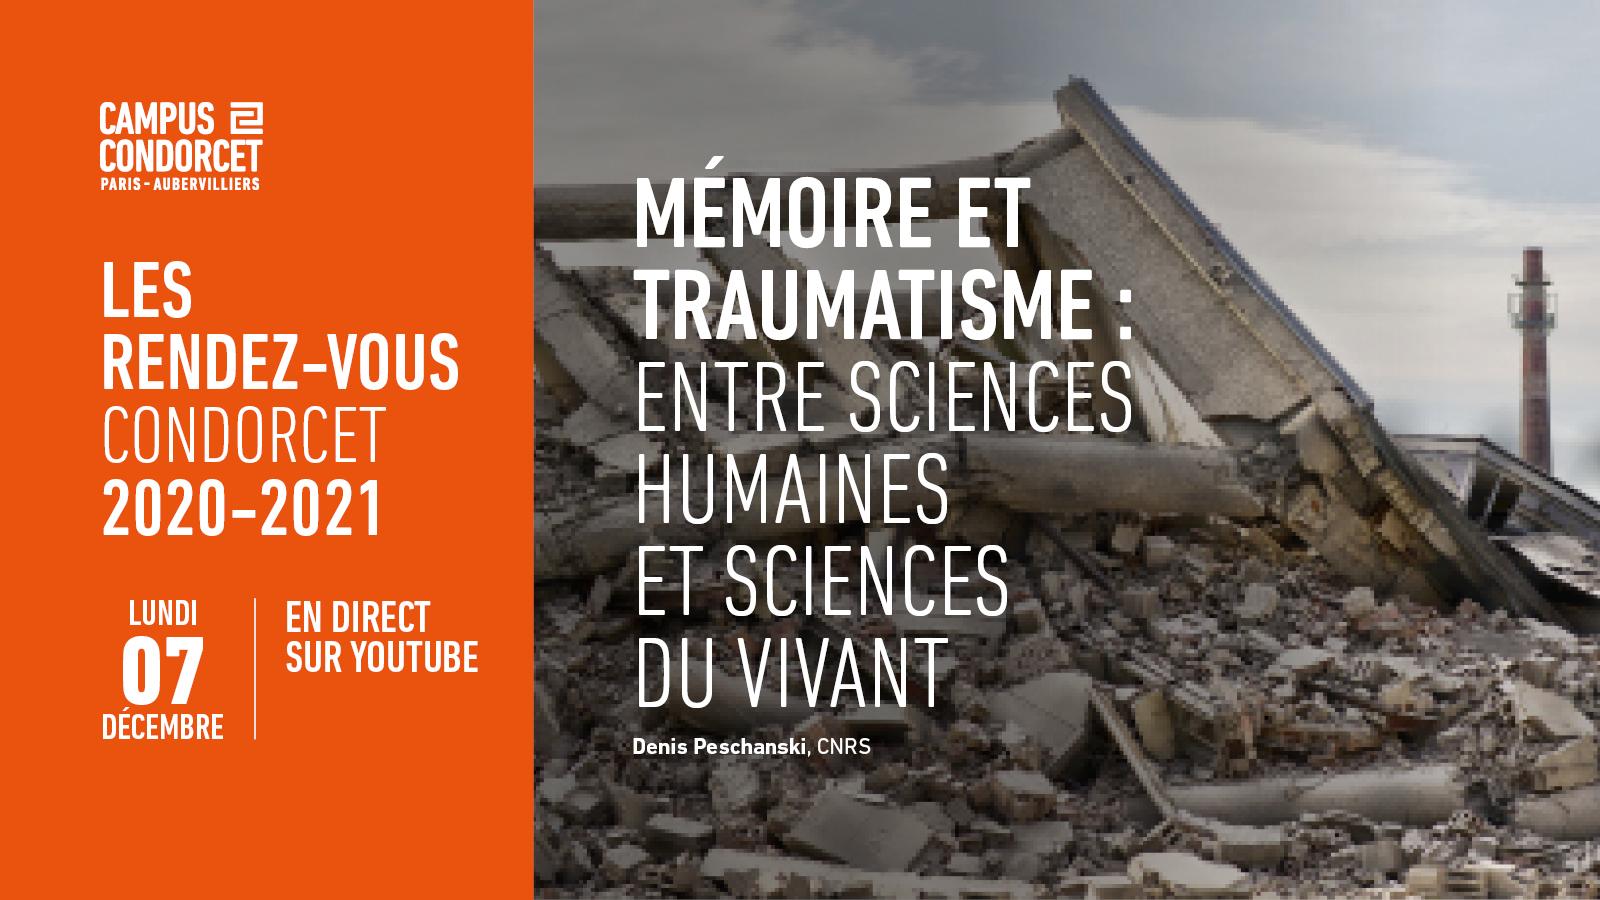 Rendez-vous Condorcet - Mémoire et traumatisme. Entre sciences humaines et sciences du vivant